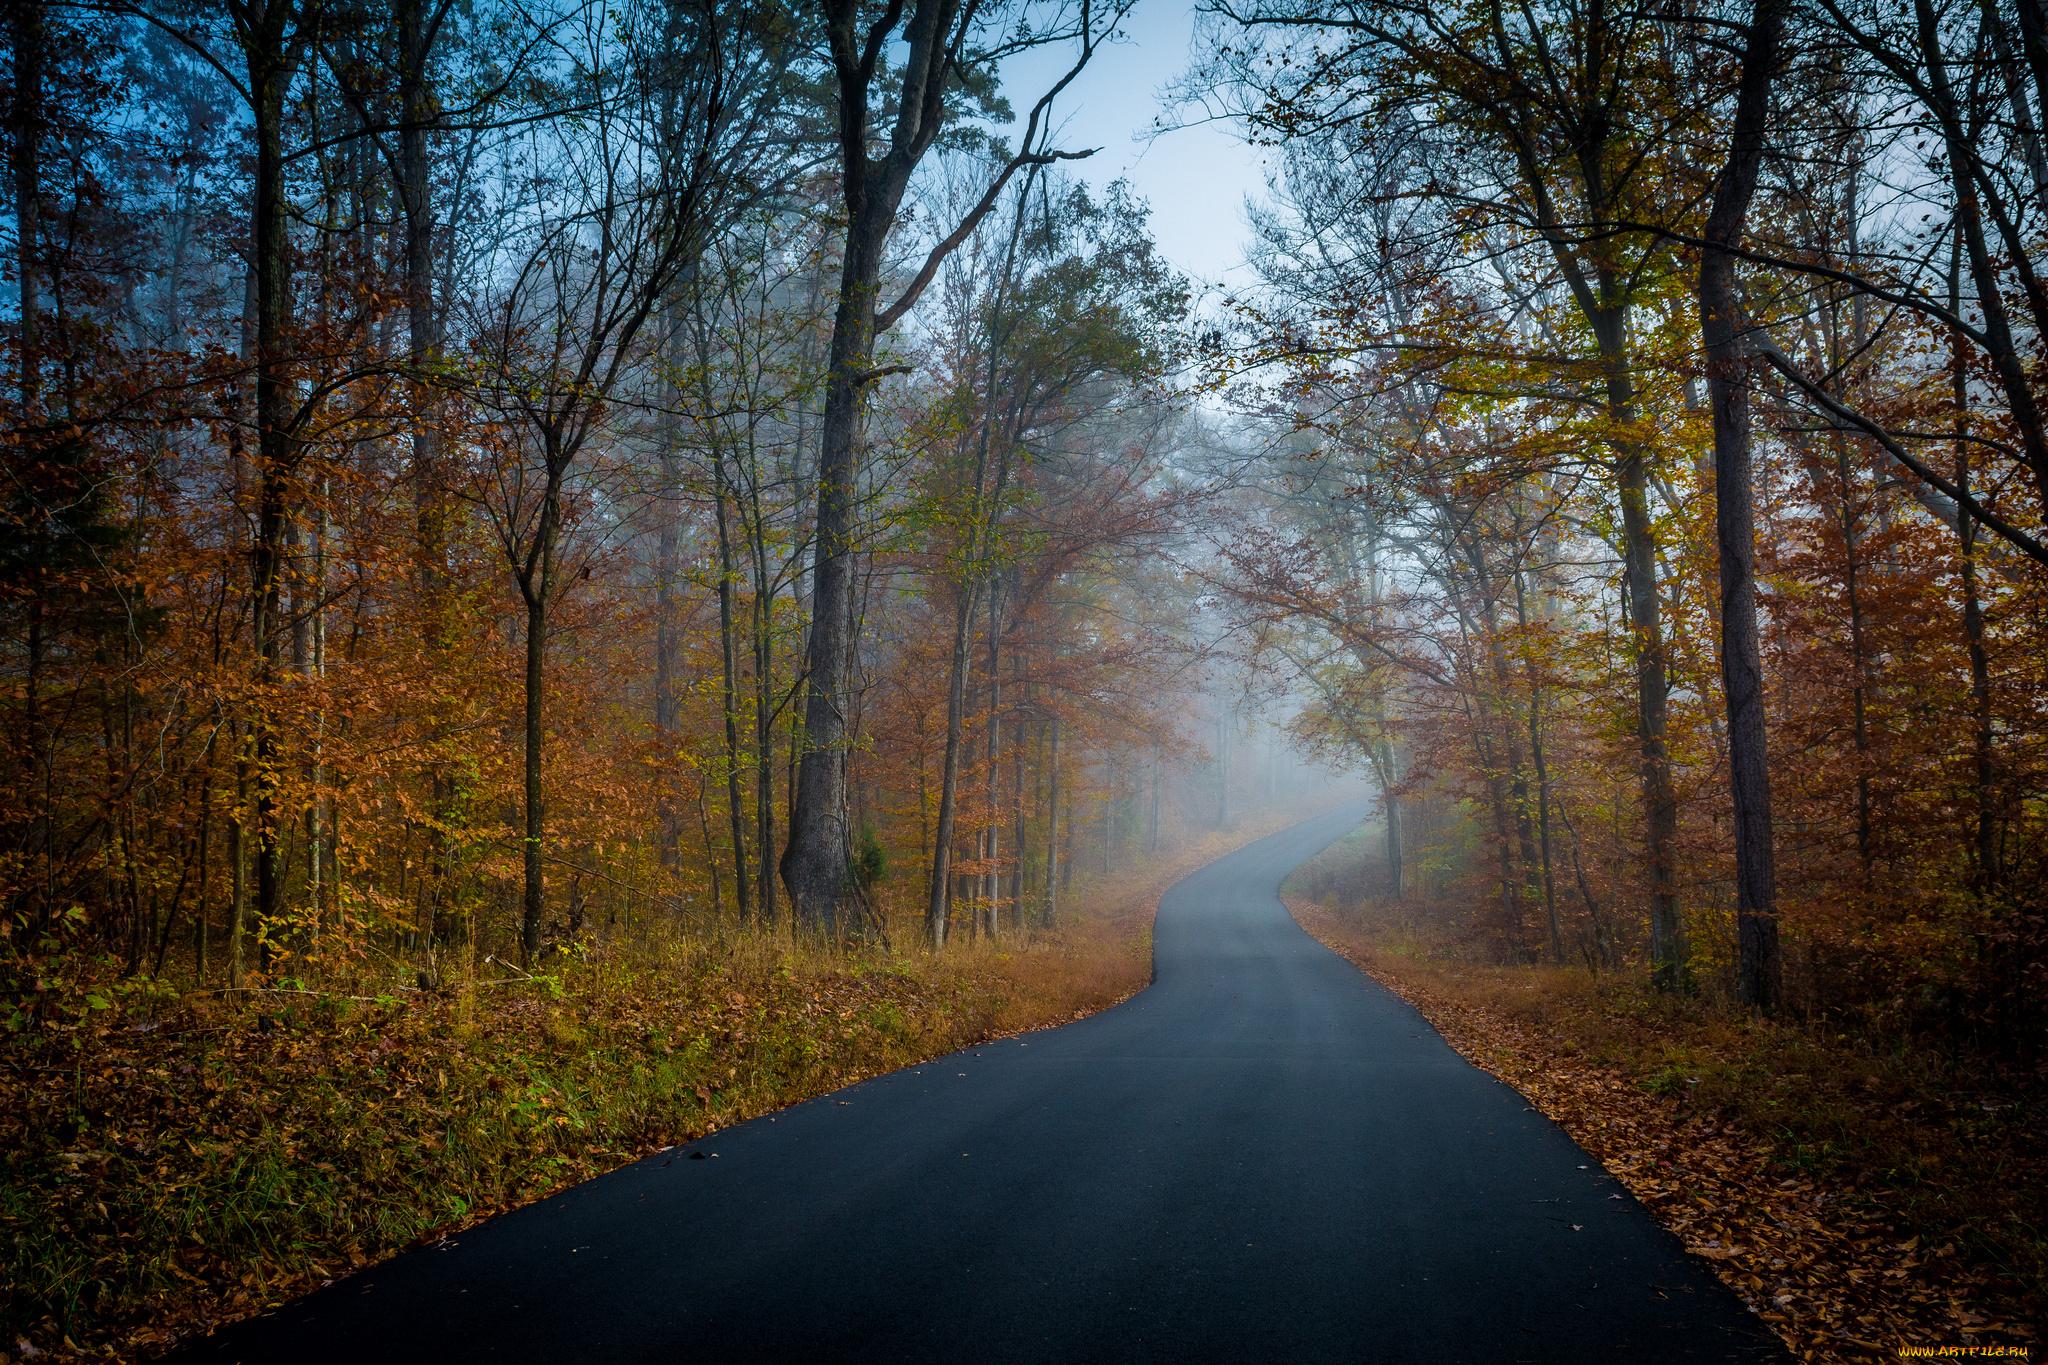 деревья осень дорога бесплатно